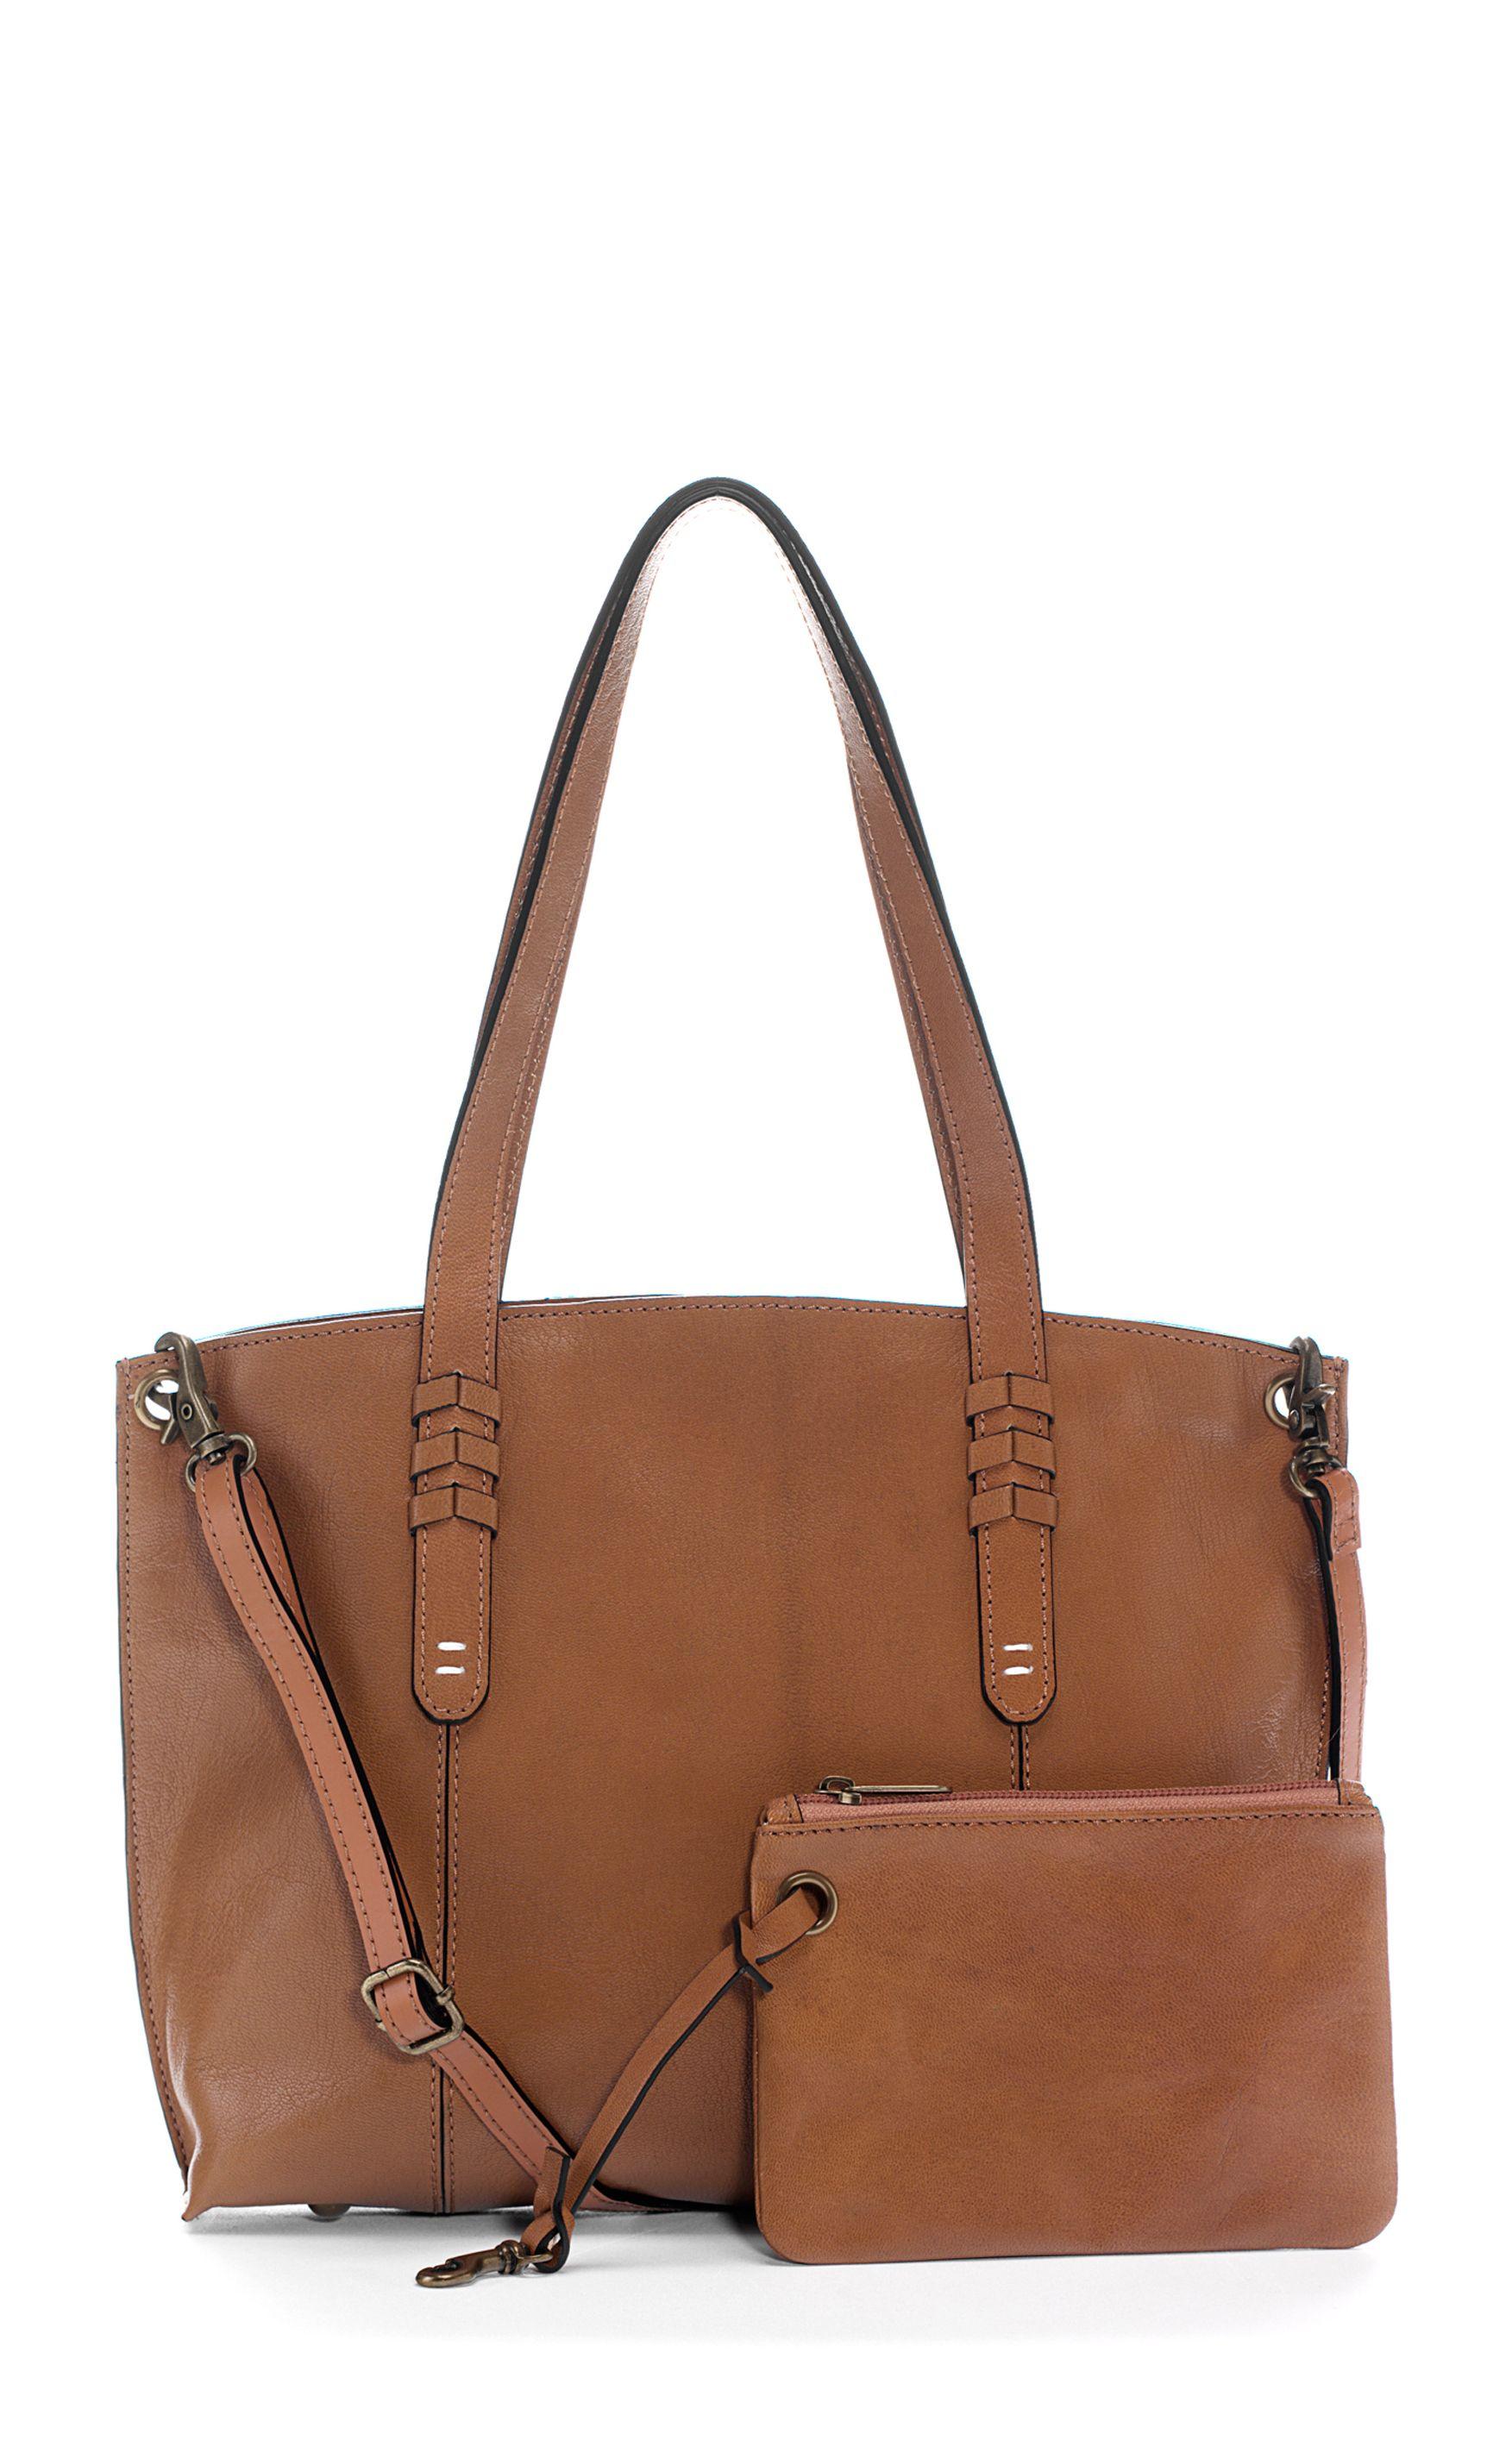 b0d8fd5a0646 Ellington Handbags